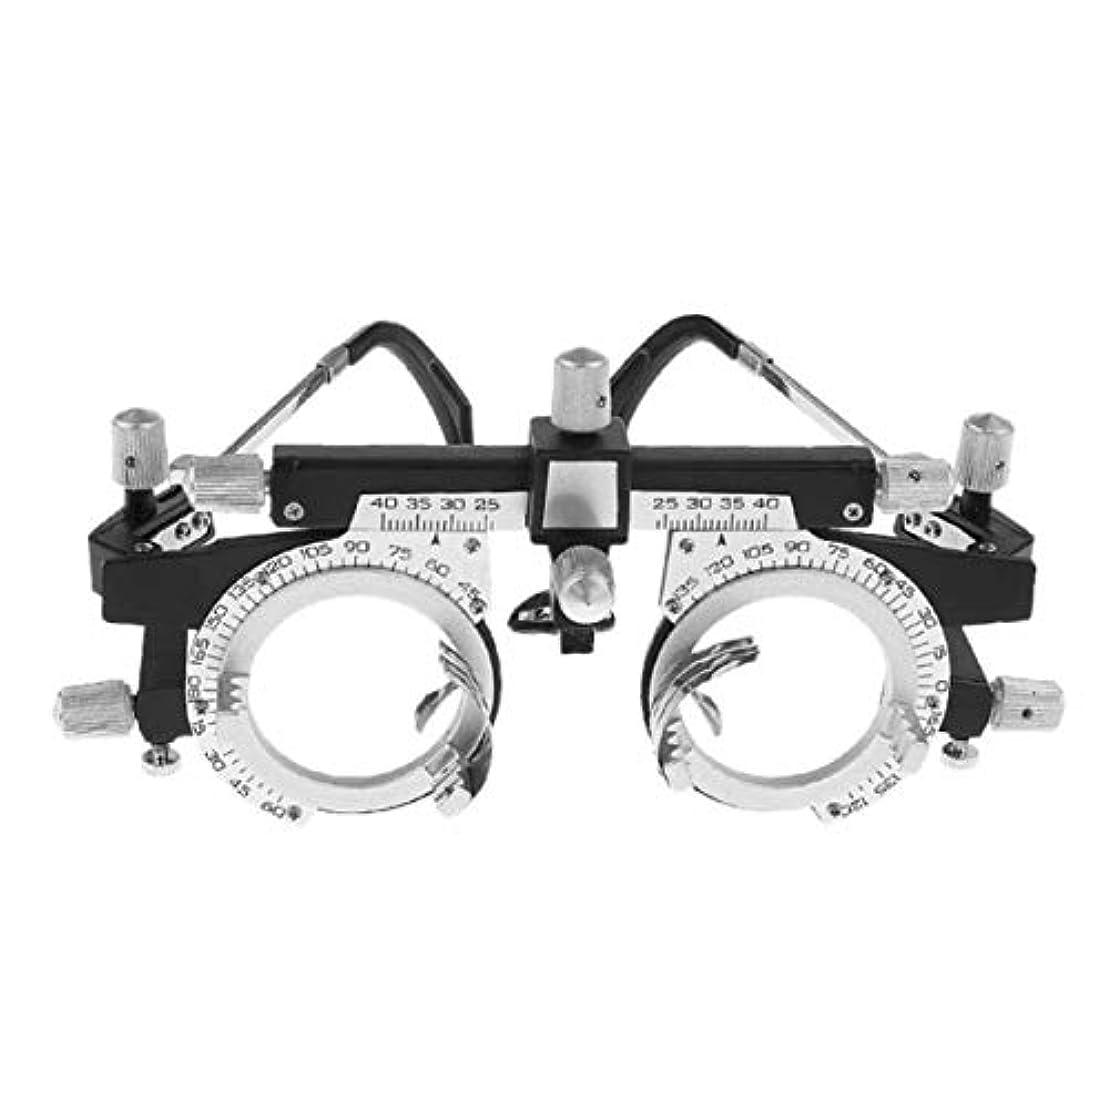 ピクニックをする文献スキャン調節可能なプロフェッショナルアイウェア検眼メタルフレーム光学オプティクストライアルレンズメタルフレームPDメガネアクセサリー - シルバー&ブラック